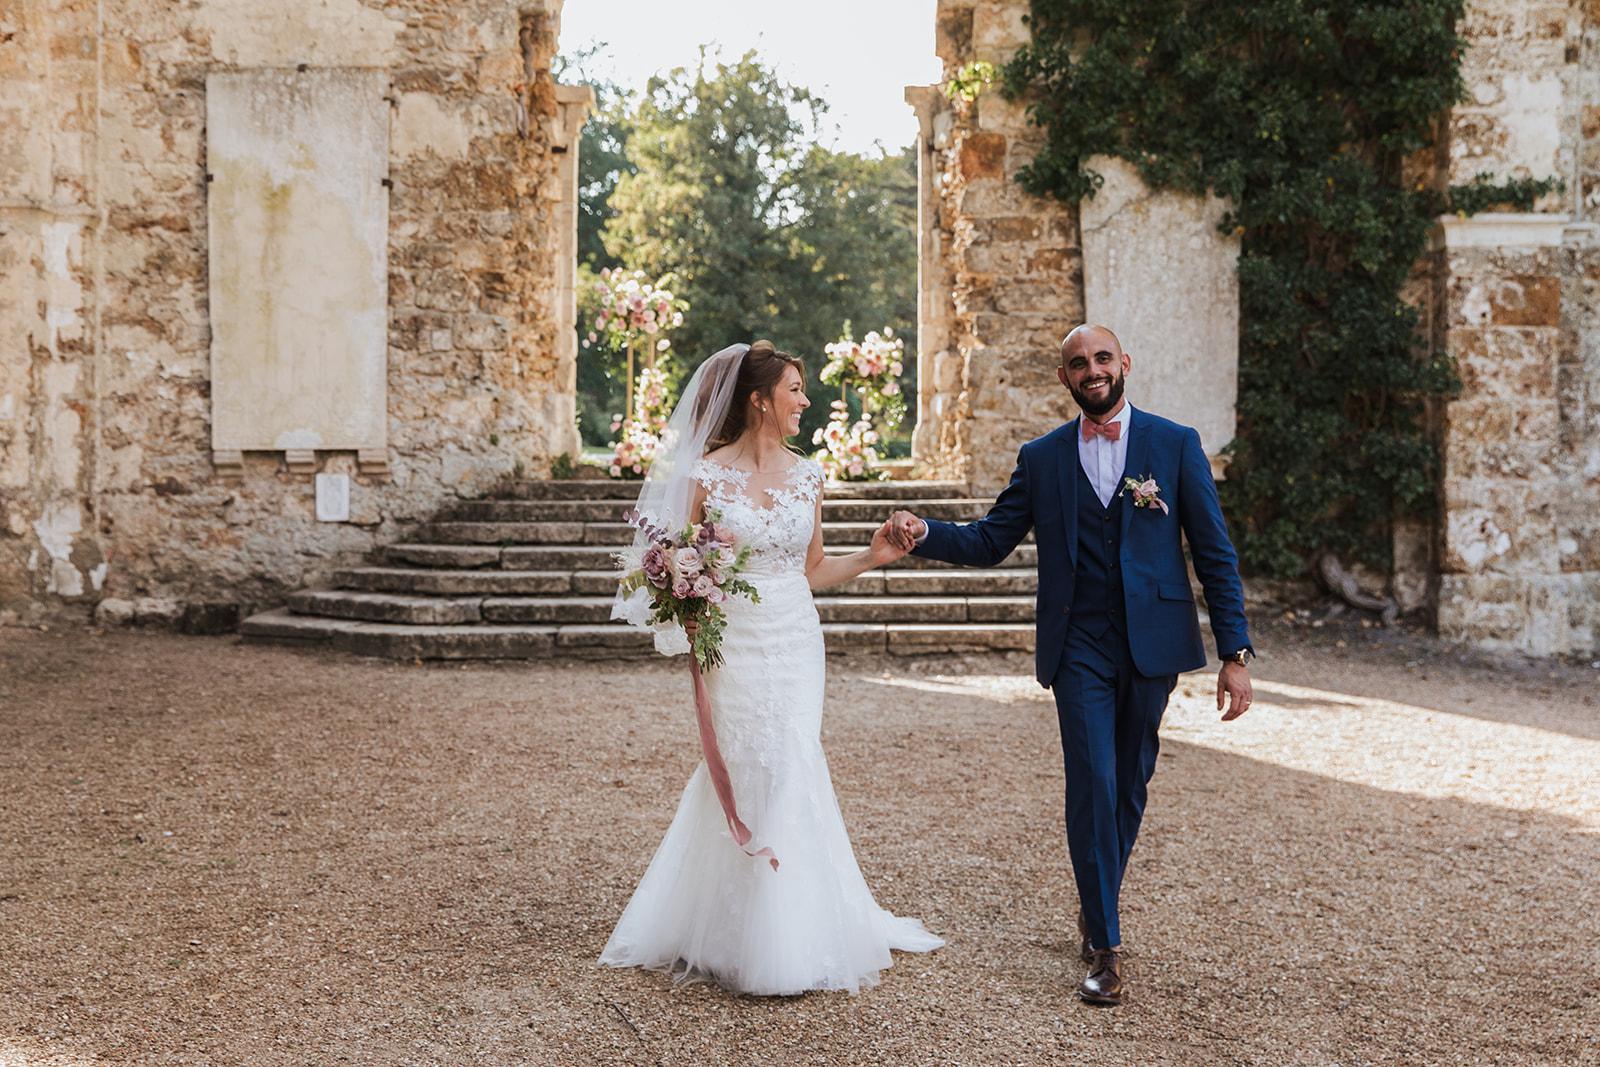 Mariage, décoratrice mariage, décoratrice paris, fleuriste mariage, fleuriste paris, abbaye des vaux de cernay, mariage élégant, bouquet de mariée, floral design, mariage raffiné